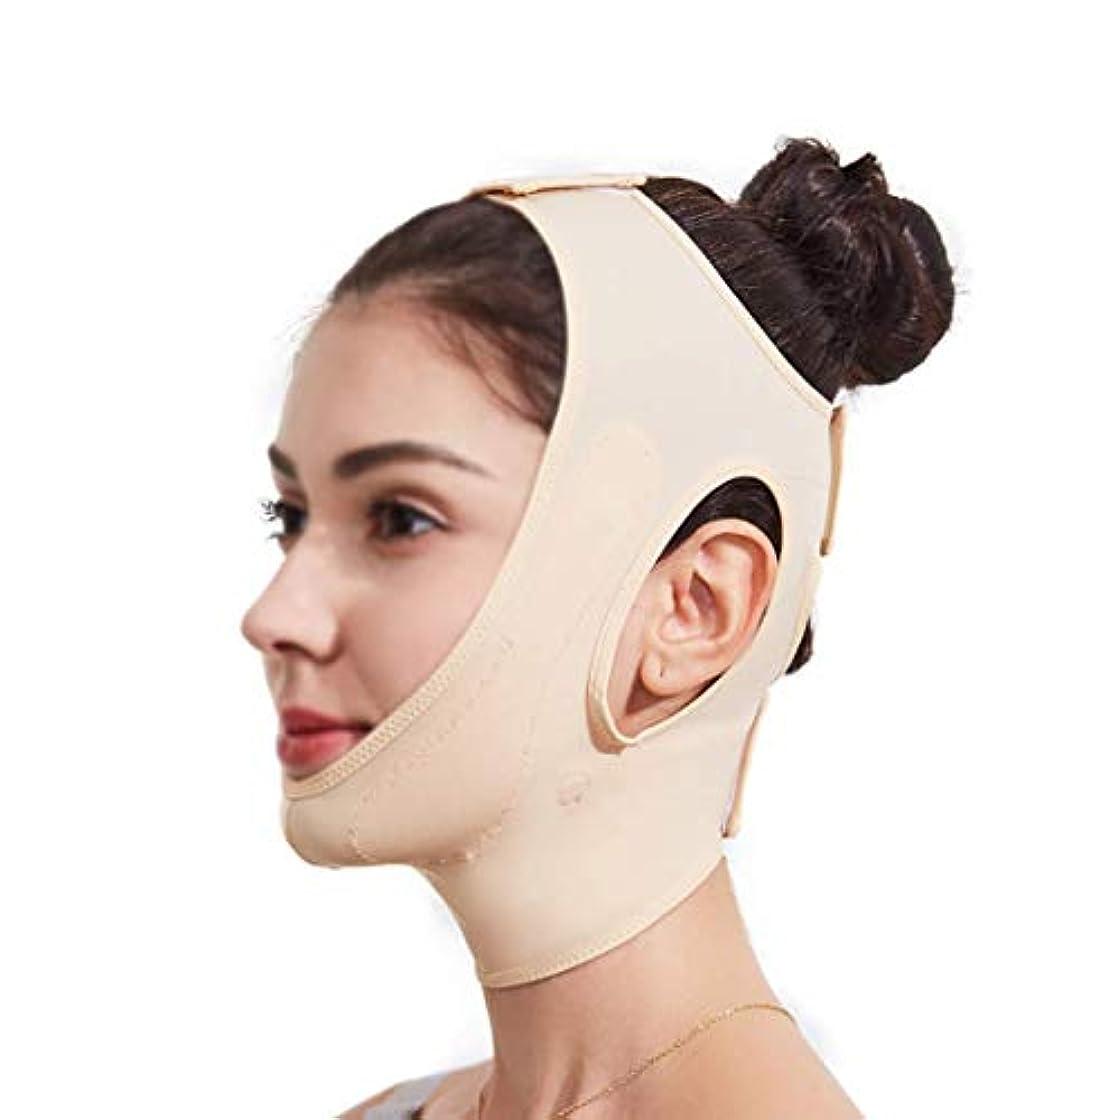 変化する怖がらせる魂フェイスリフティングマスク、360°オールラウンドリフティングフェイシャルコンター、あごを閉じて肌を引き締め、快適でフェイスライトをサポートし、通気性を保ちます(サイズ:ブラック),肌の色